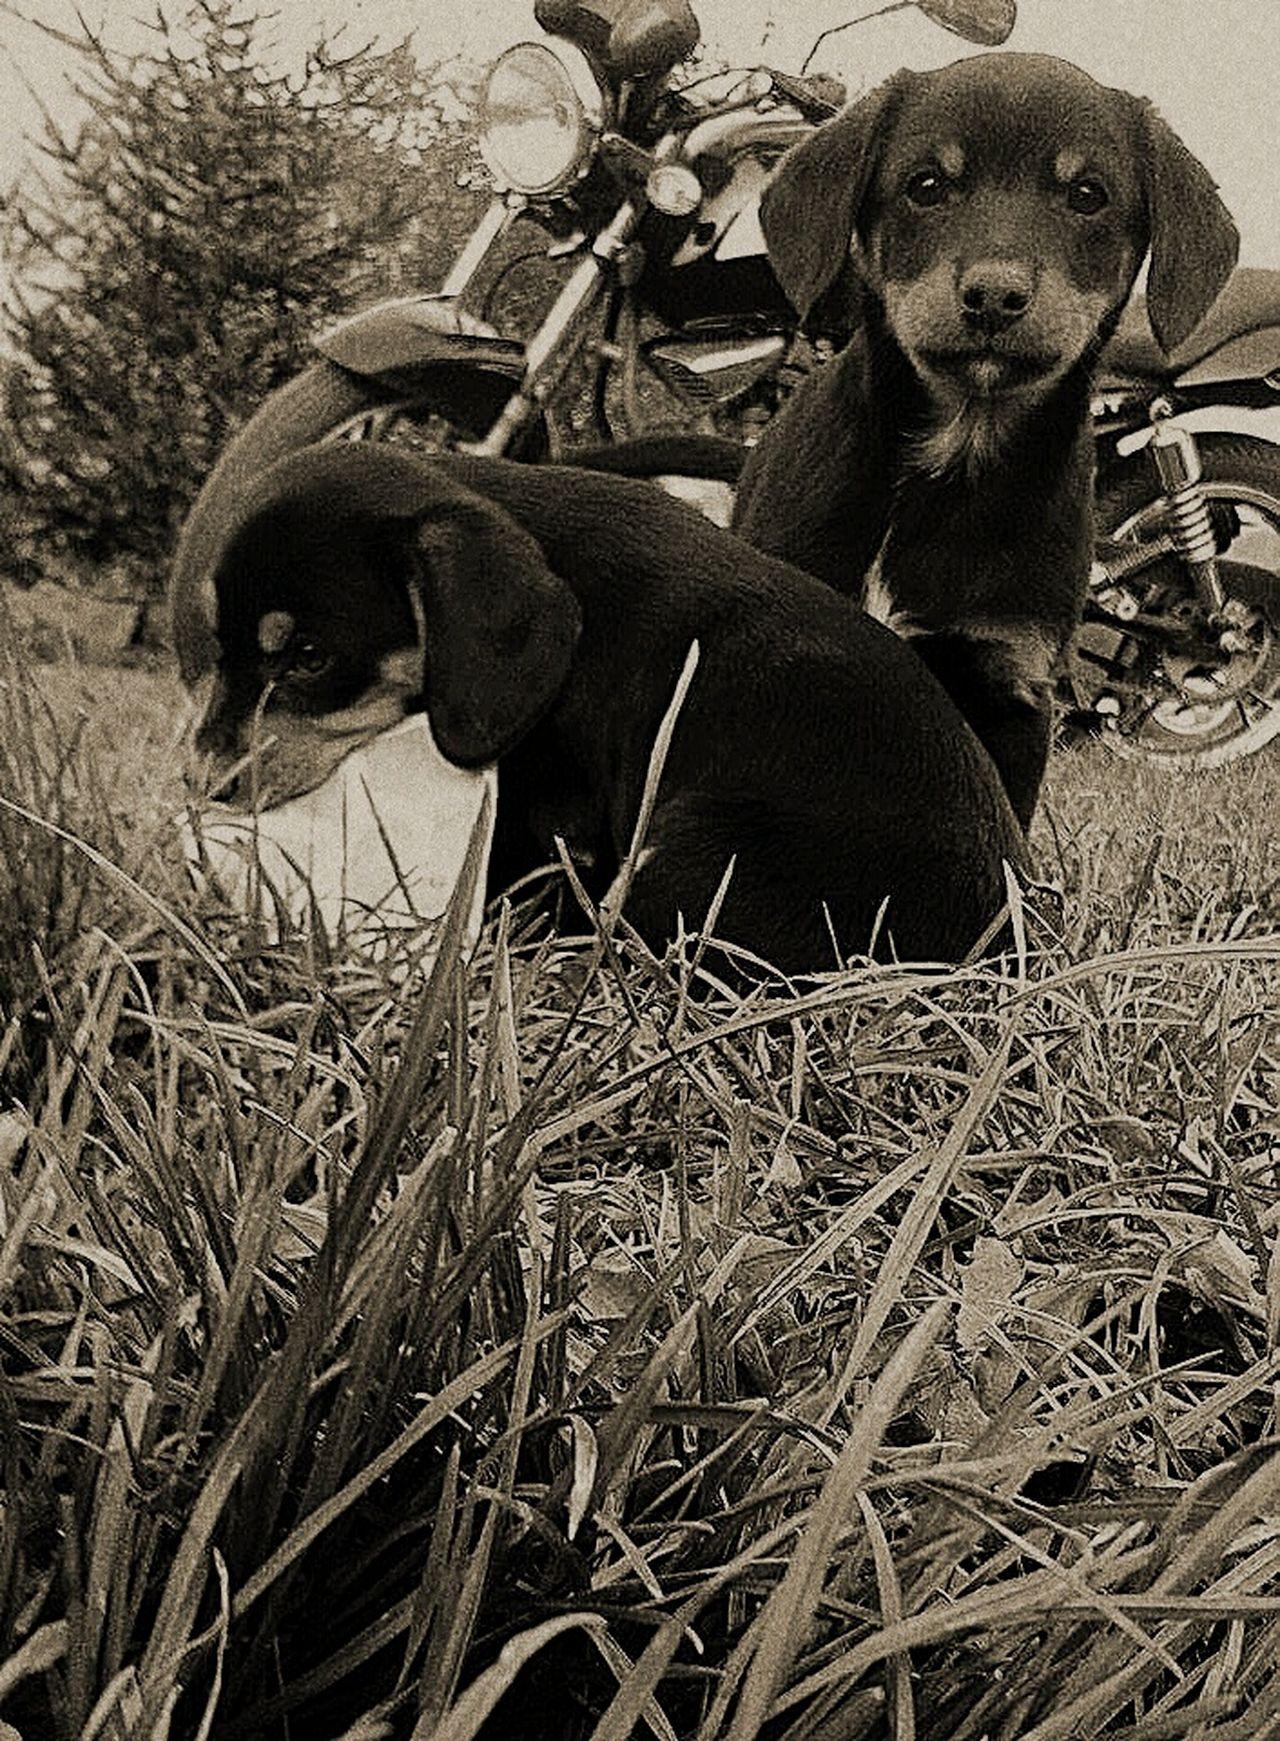 Dogs Dog Motor Psy Pies Motorcycles Motorcycle Gross Trawa Black And White Czarno-białe Czarny I Biały Czarny Biały Blackandwhite Black White Dog❤ Puppies Szczeniak